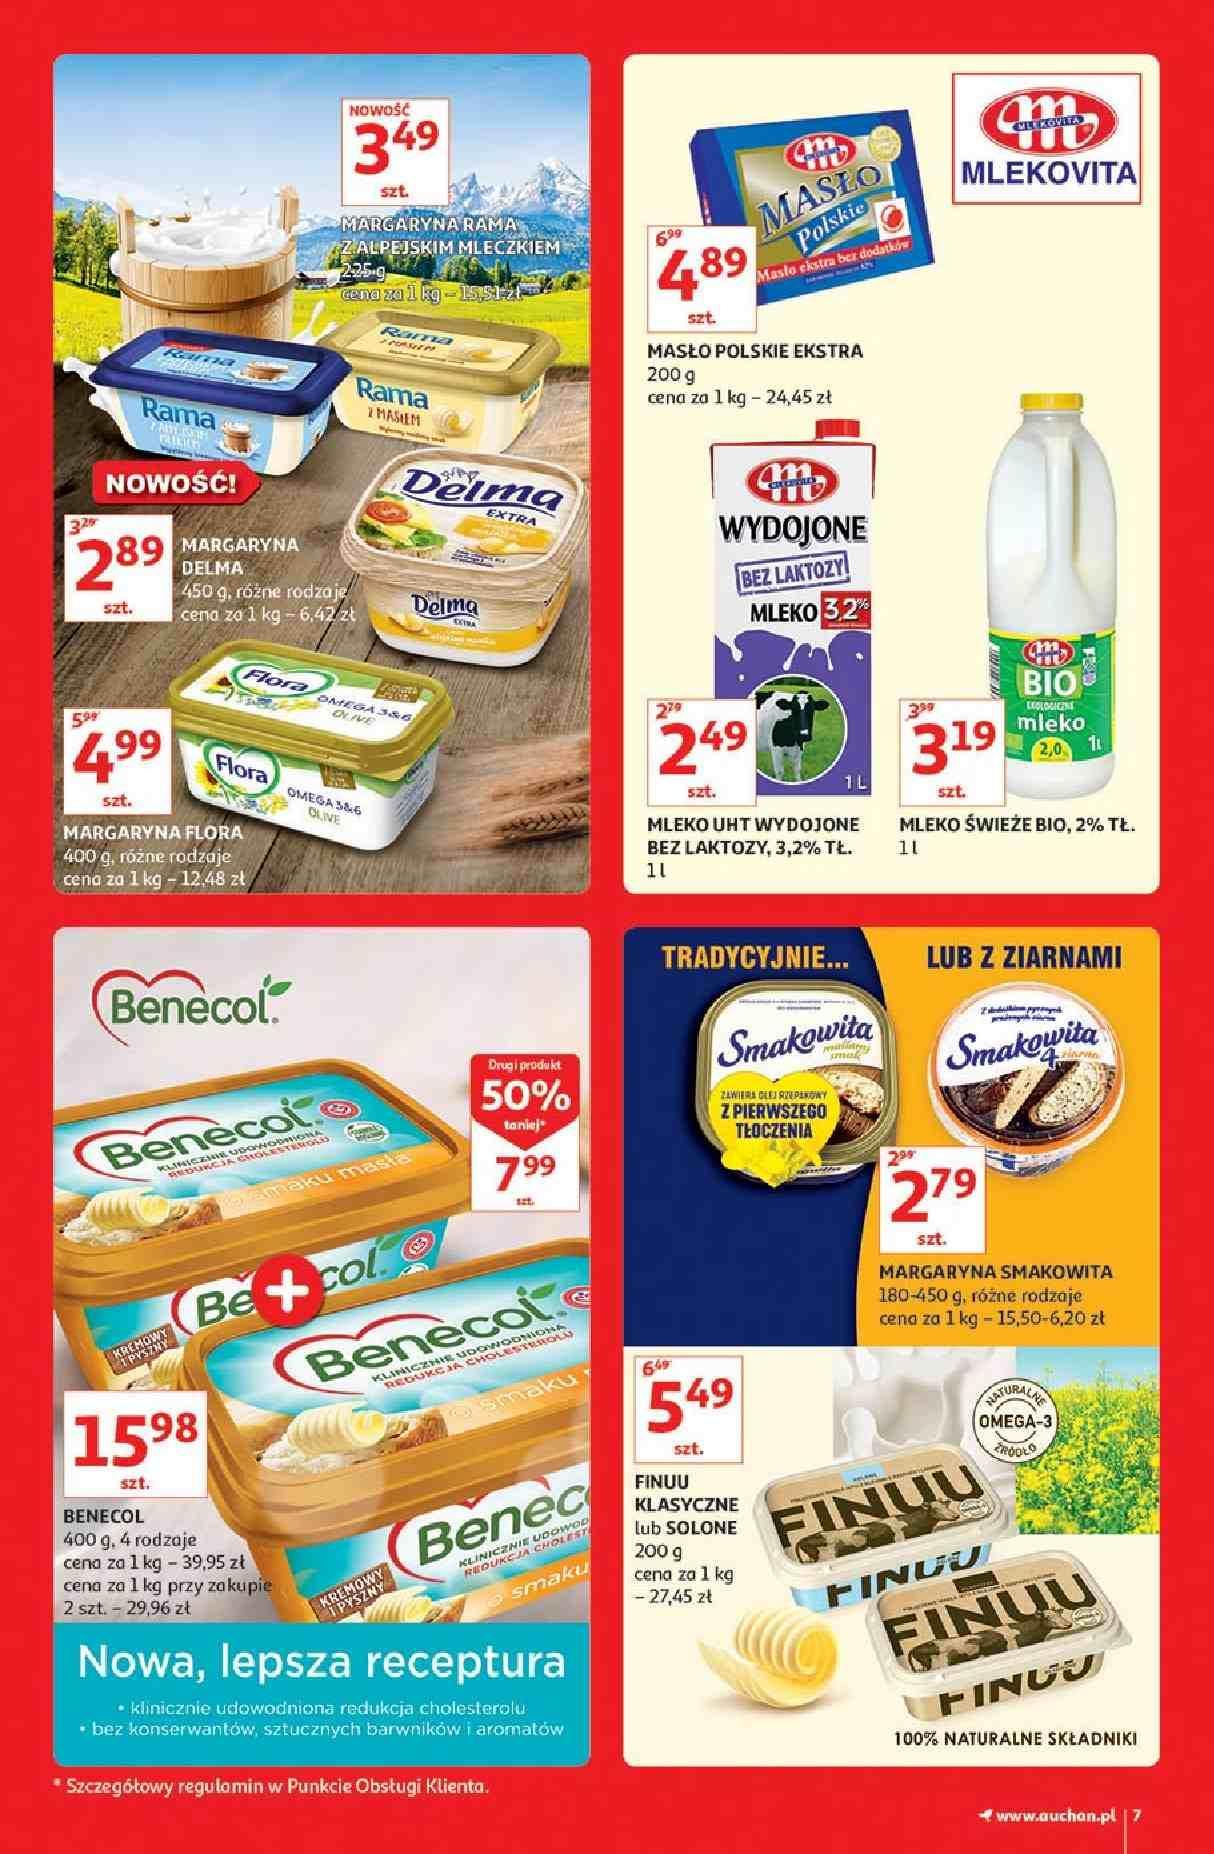 Gazetka promocyjna Auchan do 13/03/2019 str.7